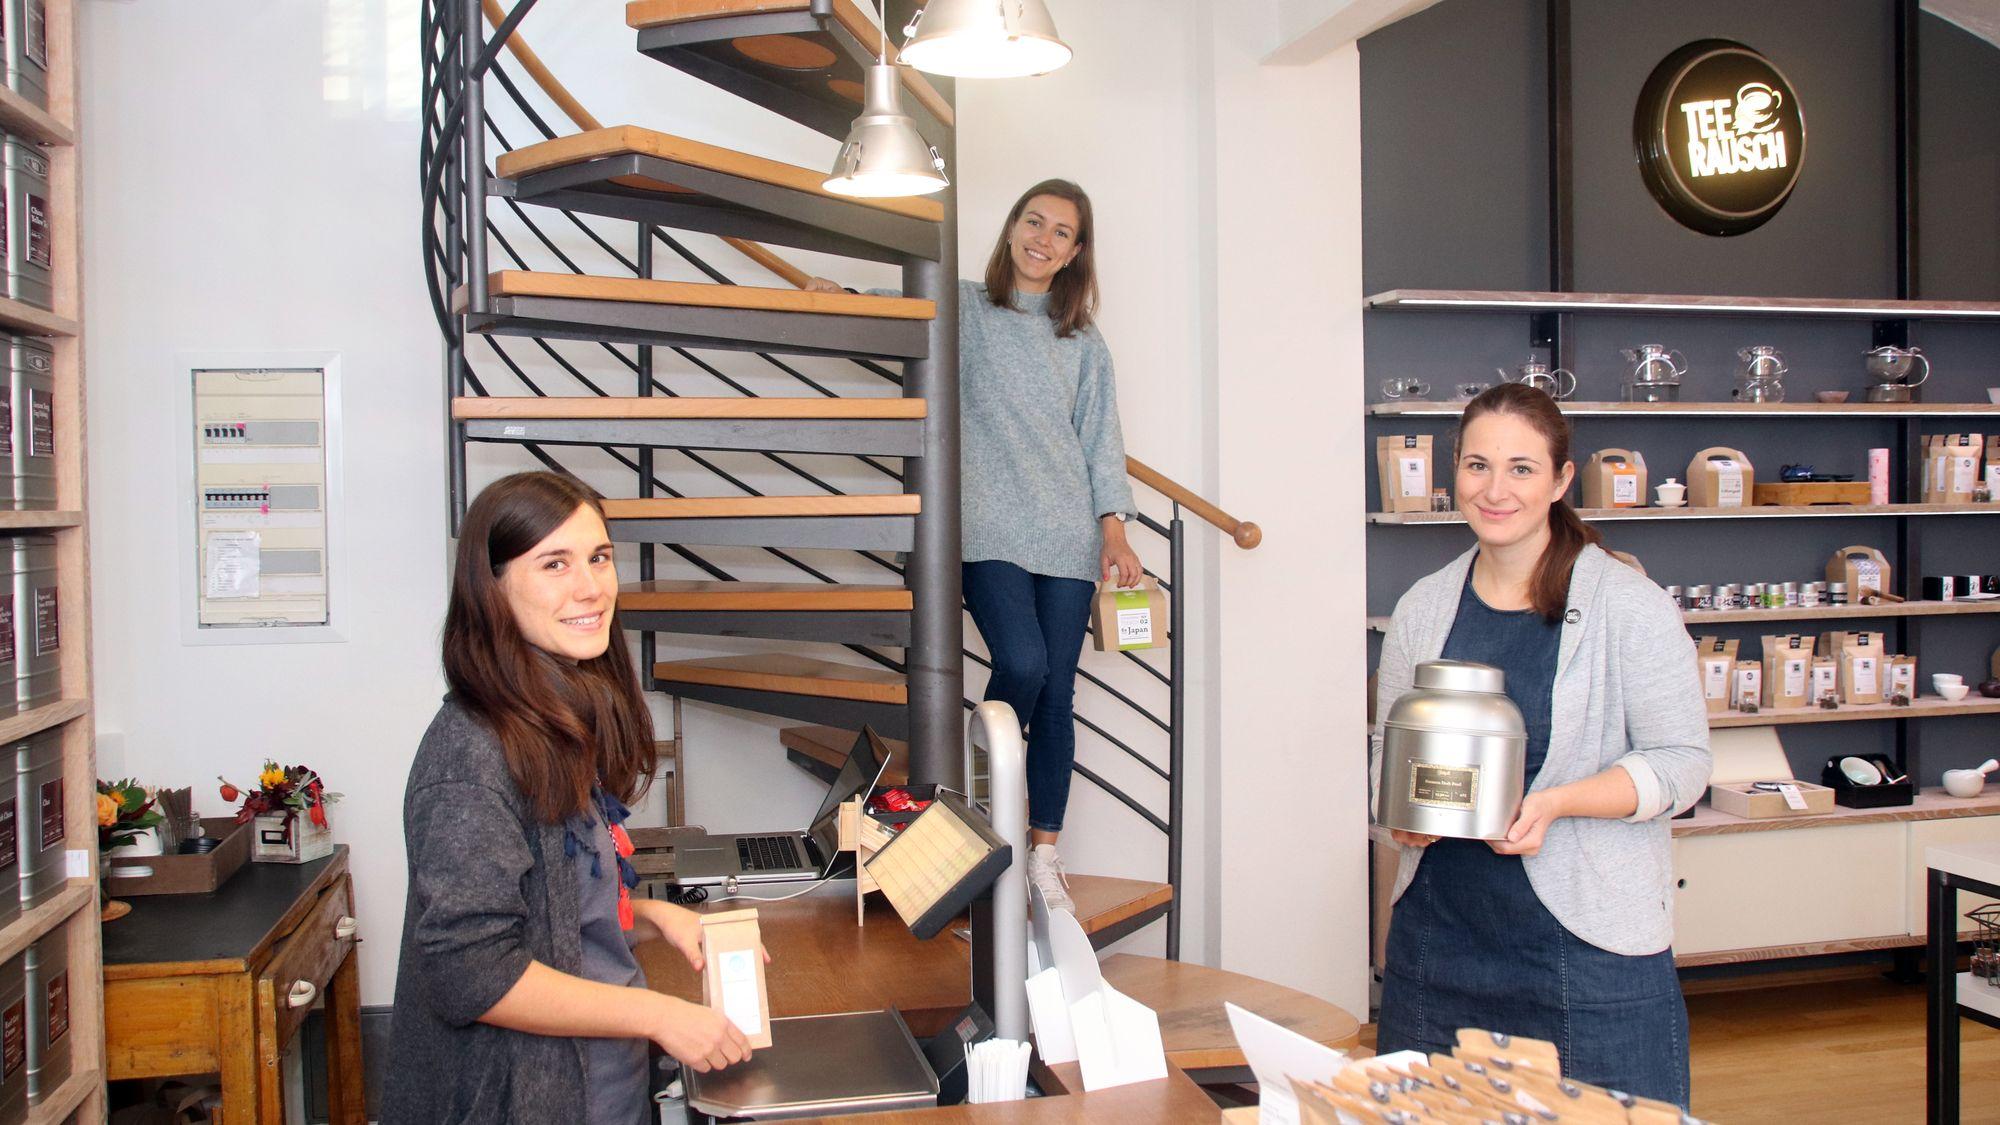 Das Team im Teerausch um Chefin Elke Werner (rechts)